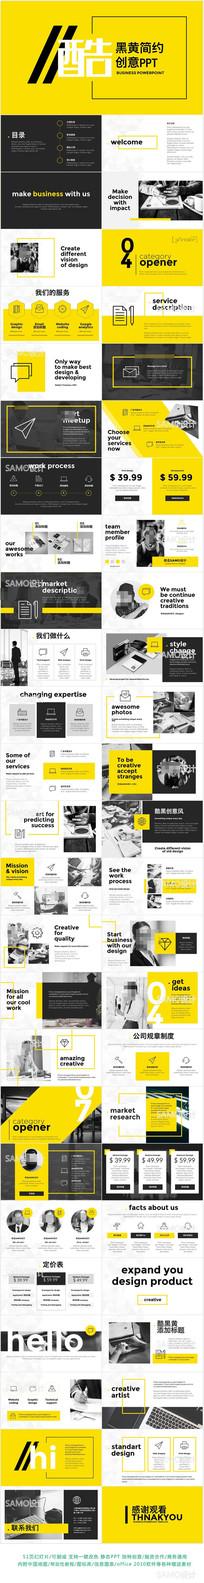 2017时尚炫酷黑黄公司宣传创意设计ppt模板